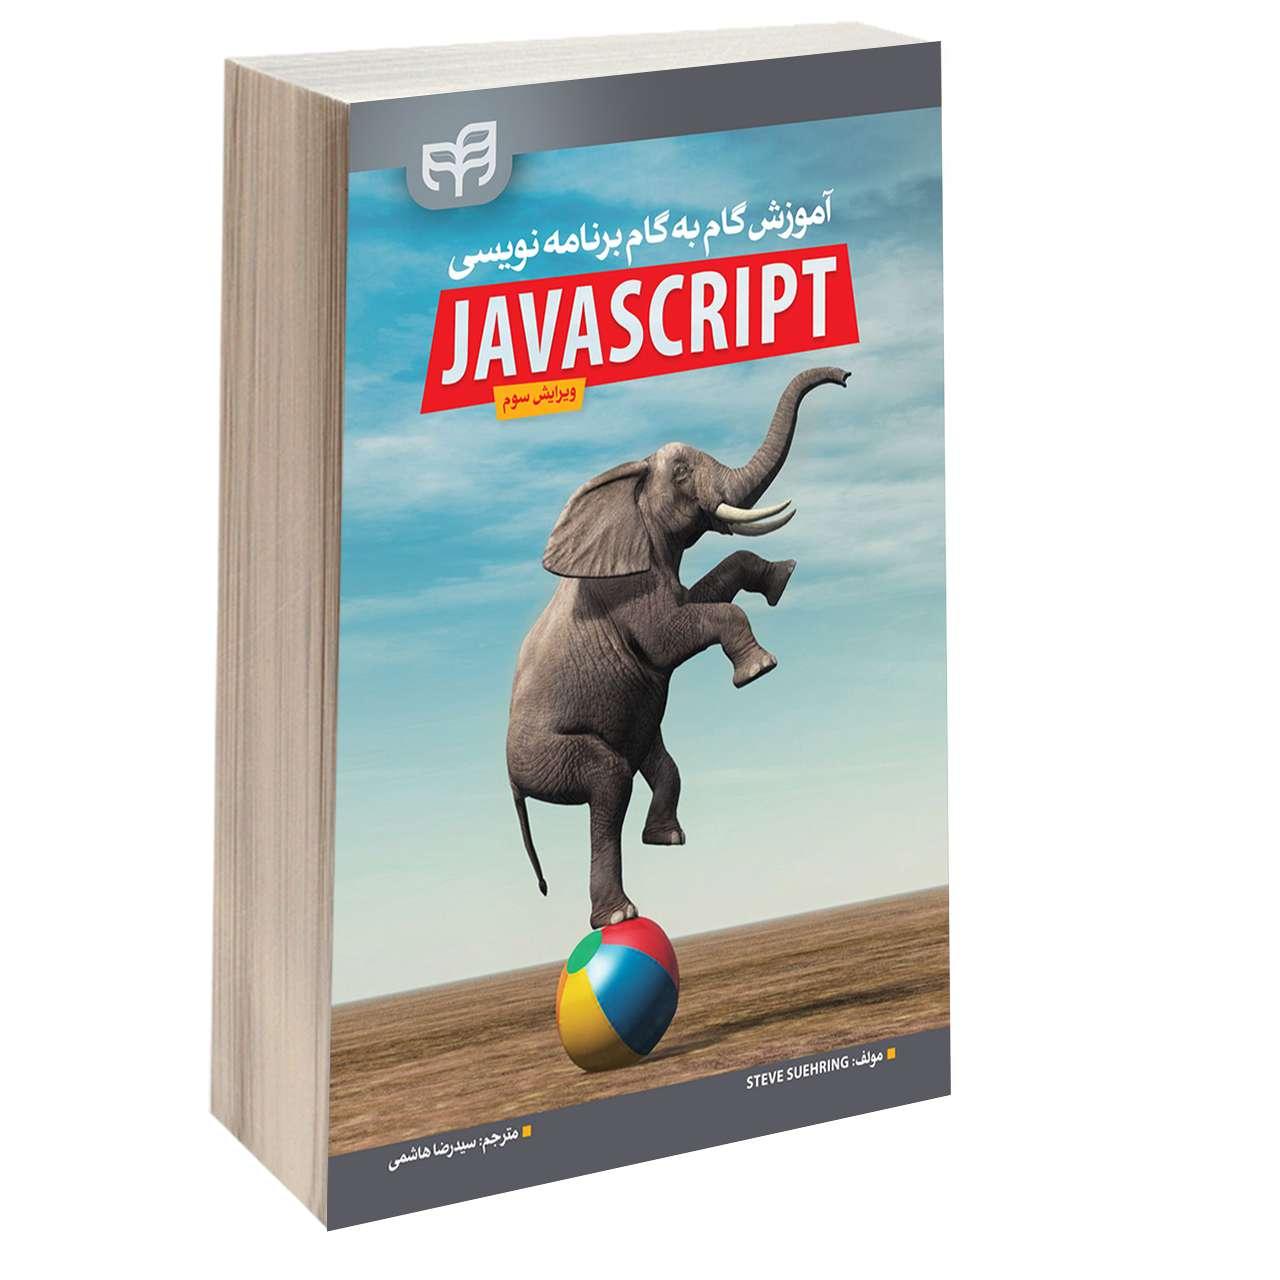 خرید                      کتاب آموزش گام به گام برنامه نویسی JavaScript اثر Steve Suehring انتشارات دانشگاهی کیان